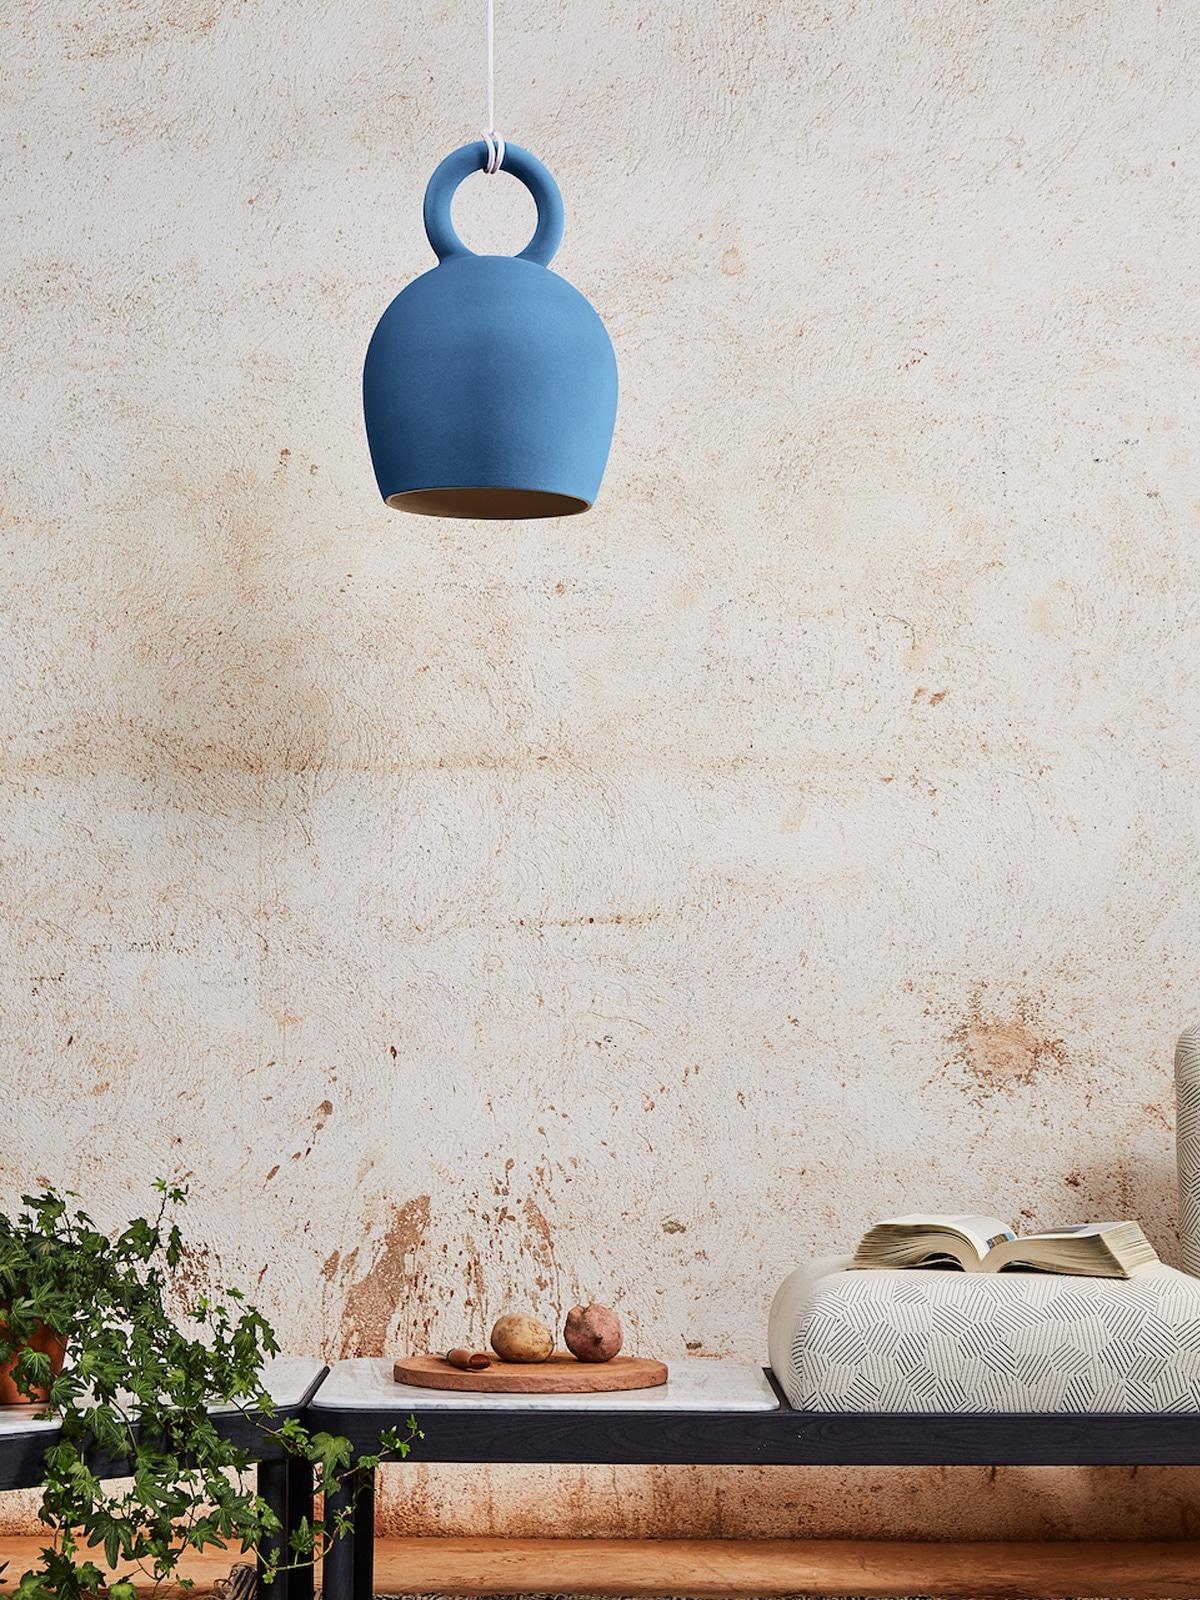 DesignOrt Blog: Pendelleuchten aus Keramik Pendel Lampe Caló Pottery Project Pott